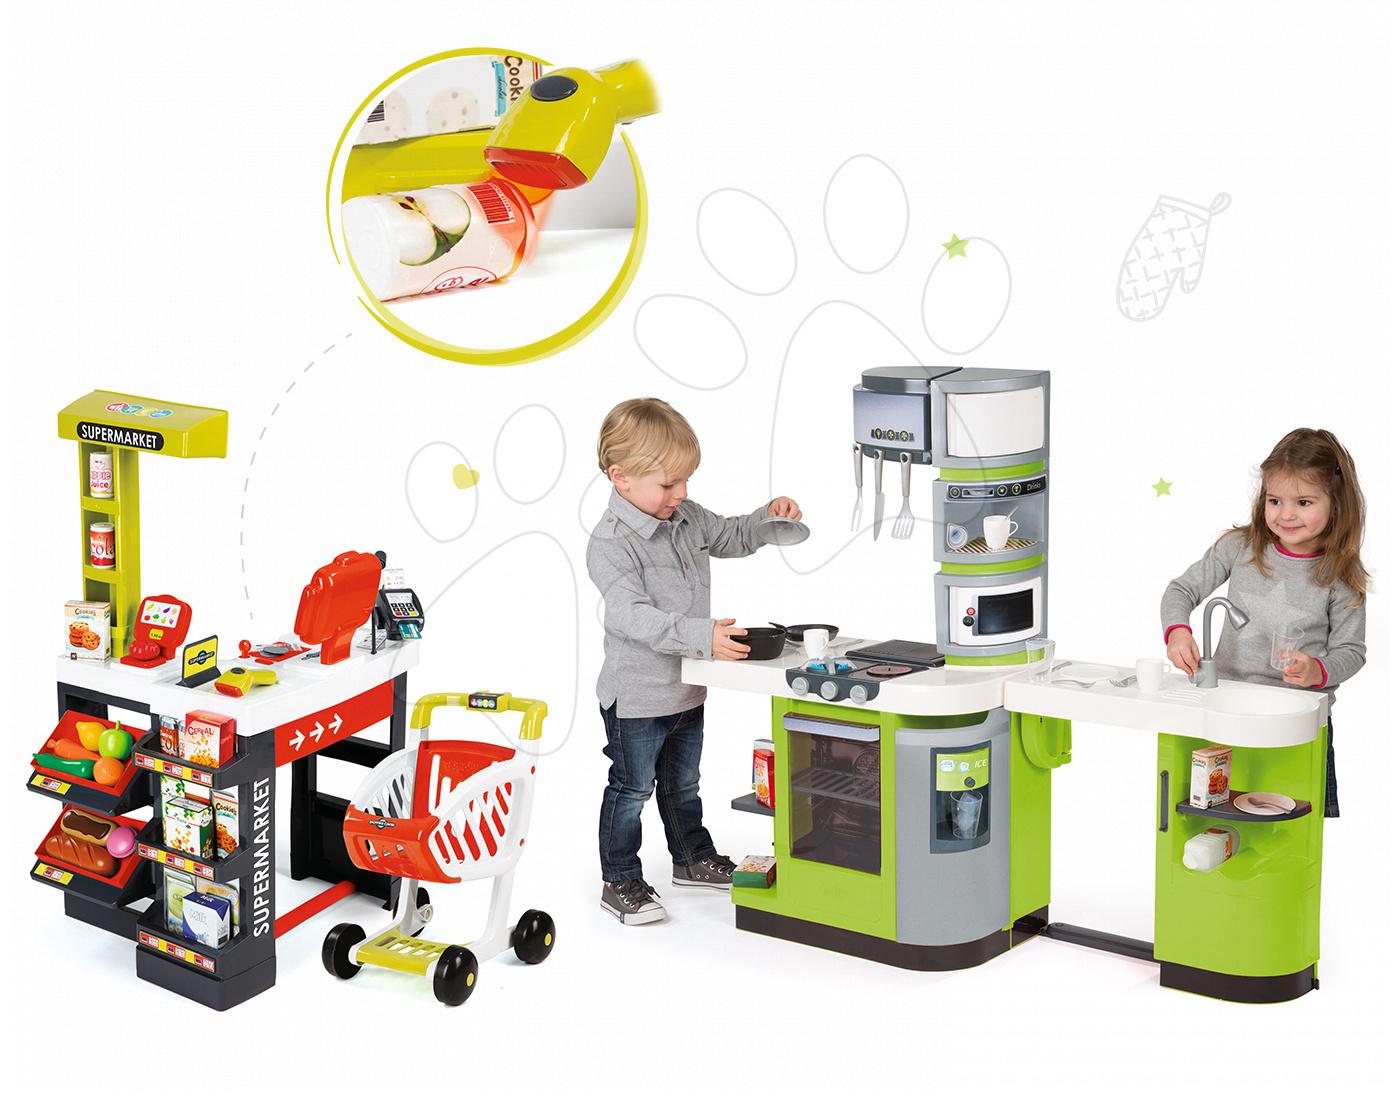 Smoby set kuchynka CookMaster Verte a elektronický obchod Supermarket 311102-22c